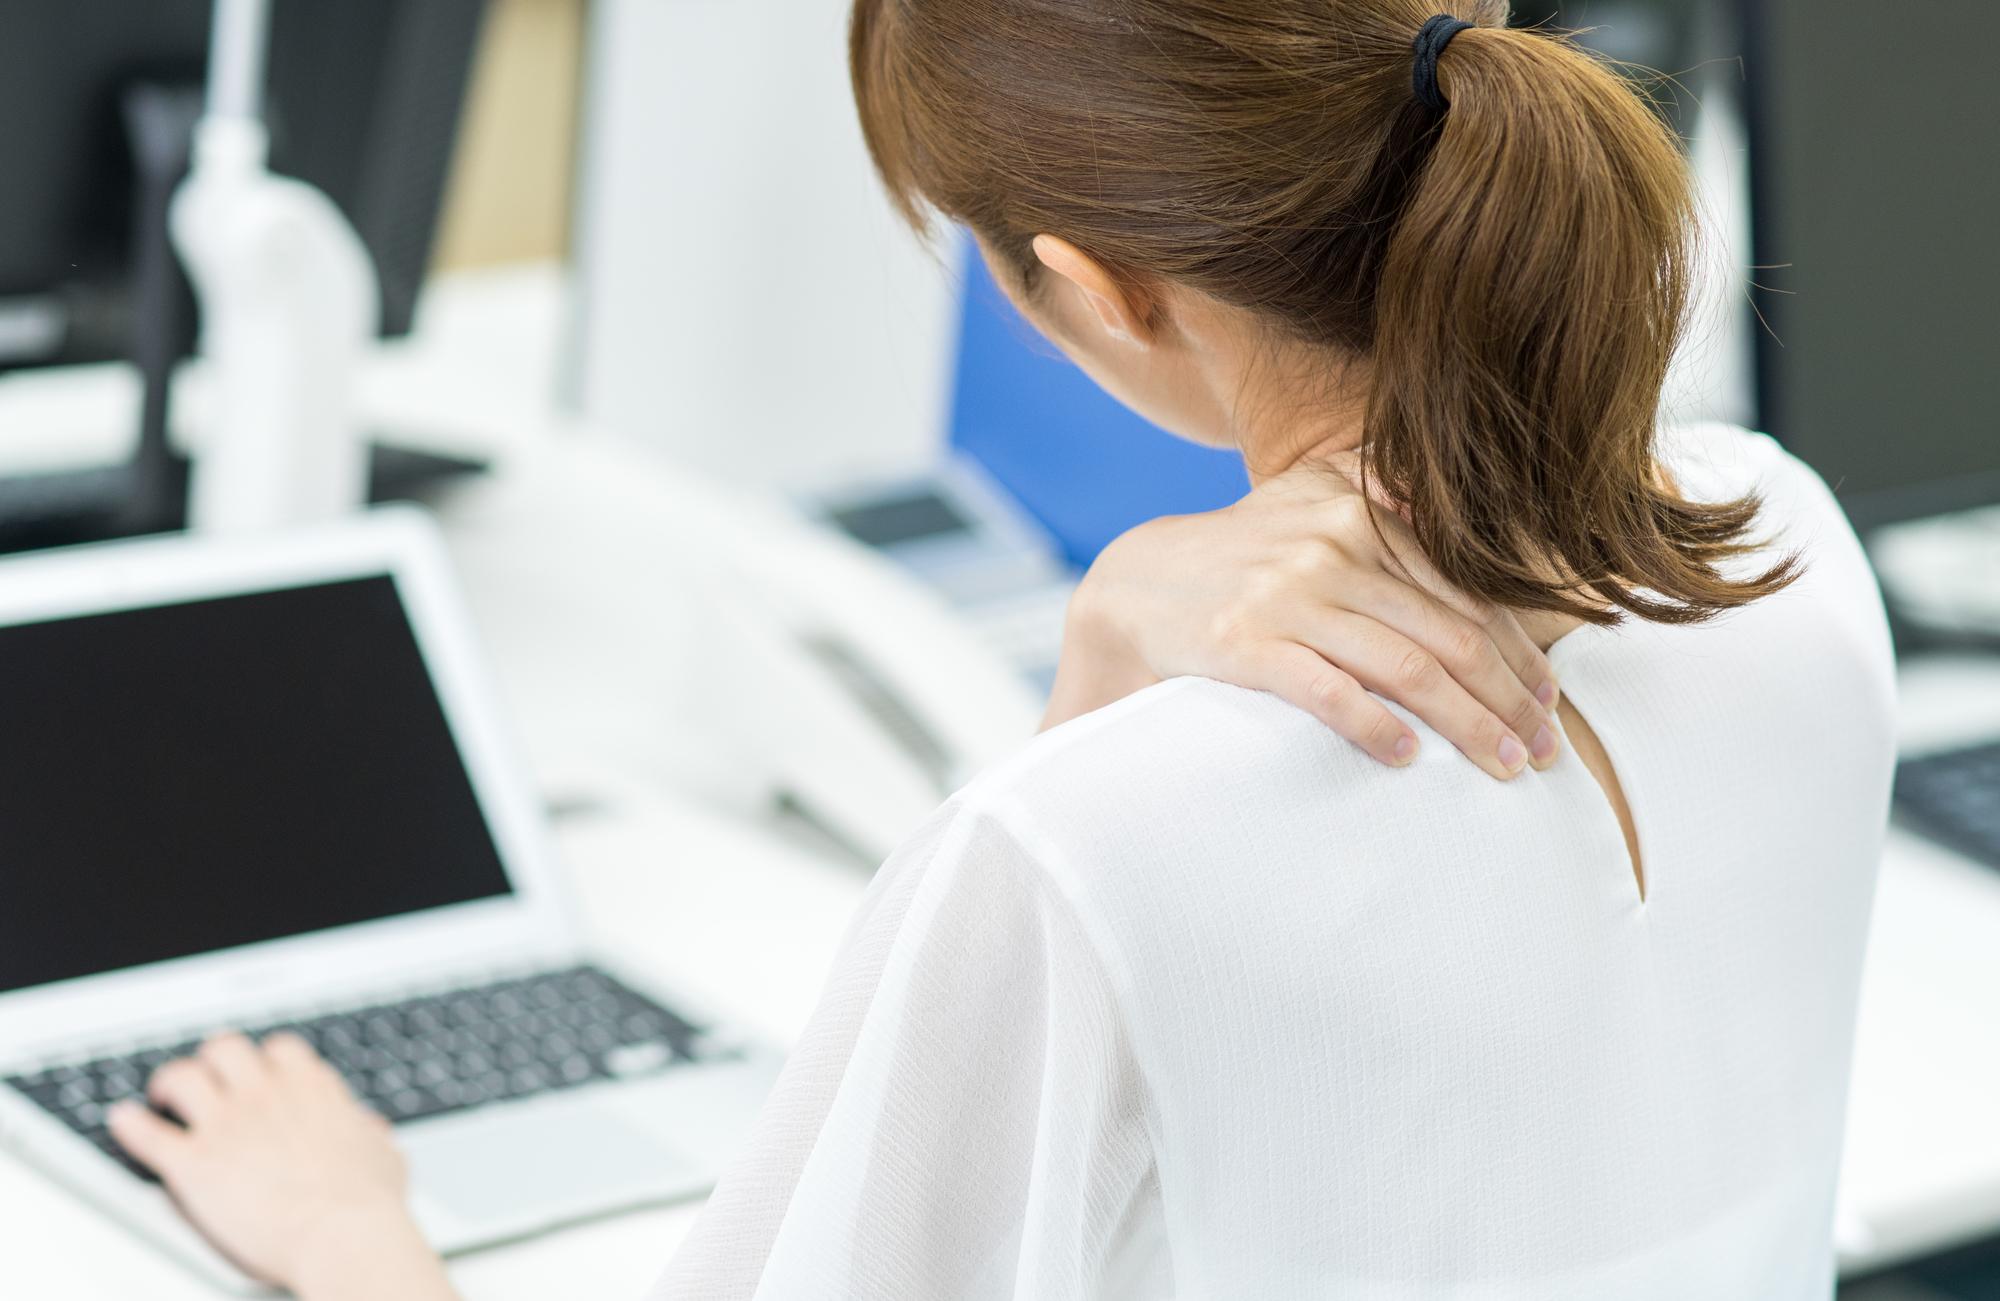 慢性的な痛みや痺れ症状・筋肉疲労など